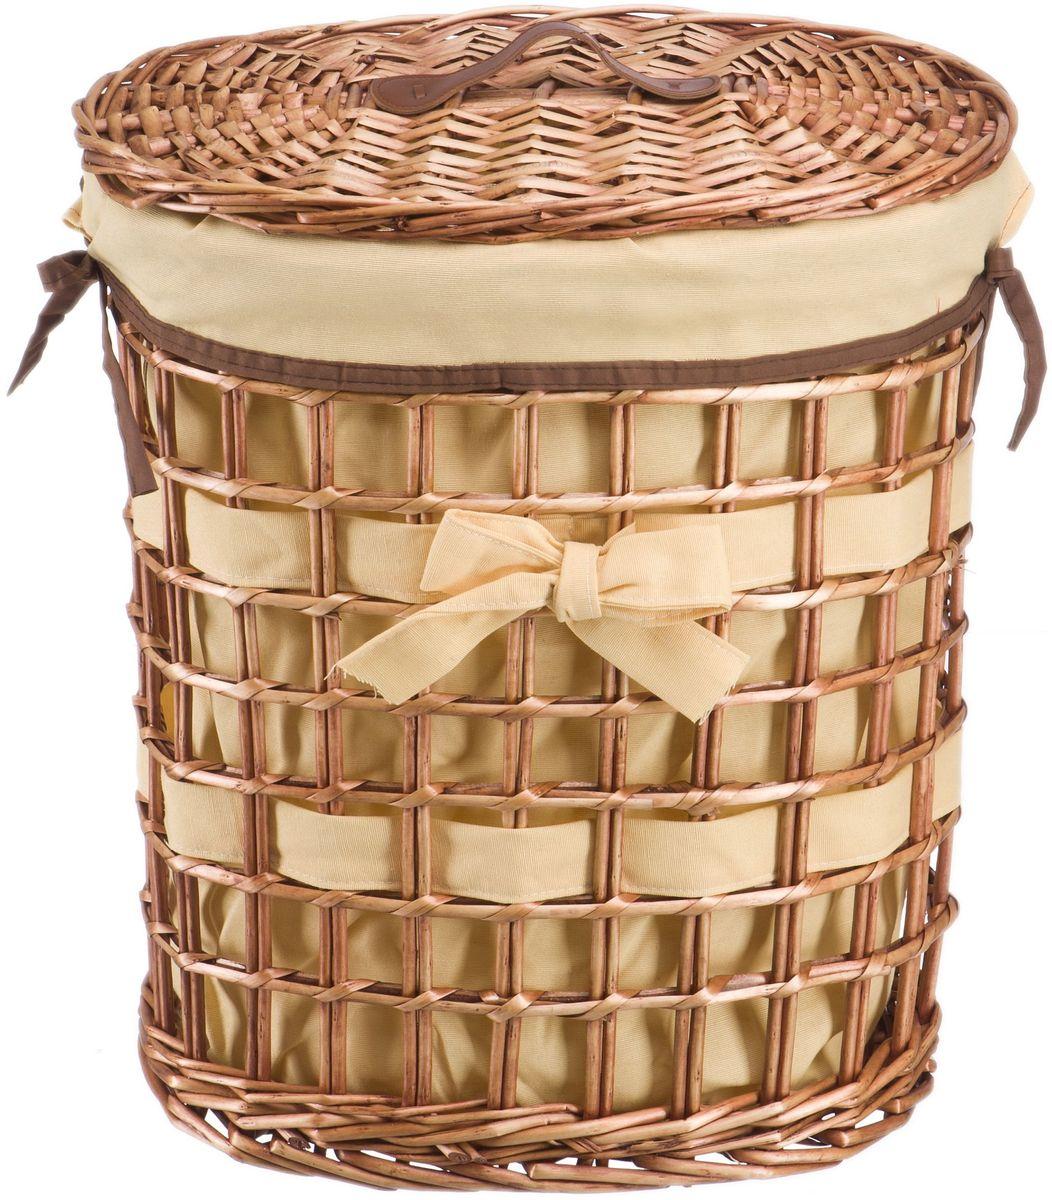 Корзина для белья Natural House Бантик, цвет: коричневый, 39 х 27 х 45 см391602Бельевая корзина из лозы ивы не только удобна, практична, но и прекрасно выглядит. Овальная форма с оригинальным декором в виде банта украсит любое пространство. Высокое качество и натуральные материалы гармонично сочетаются и создают в доме уют и теплое настроение. В комплекте с корзиной идет съемный чехол, который легко снимается и стирается.